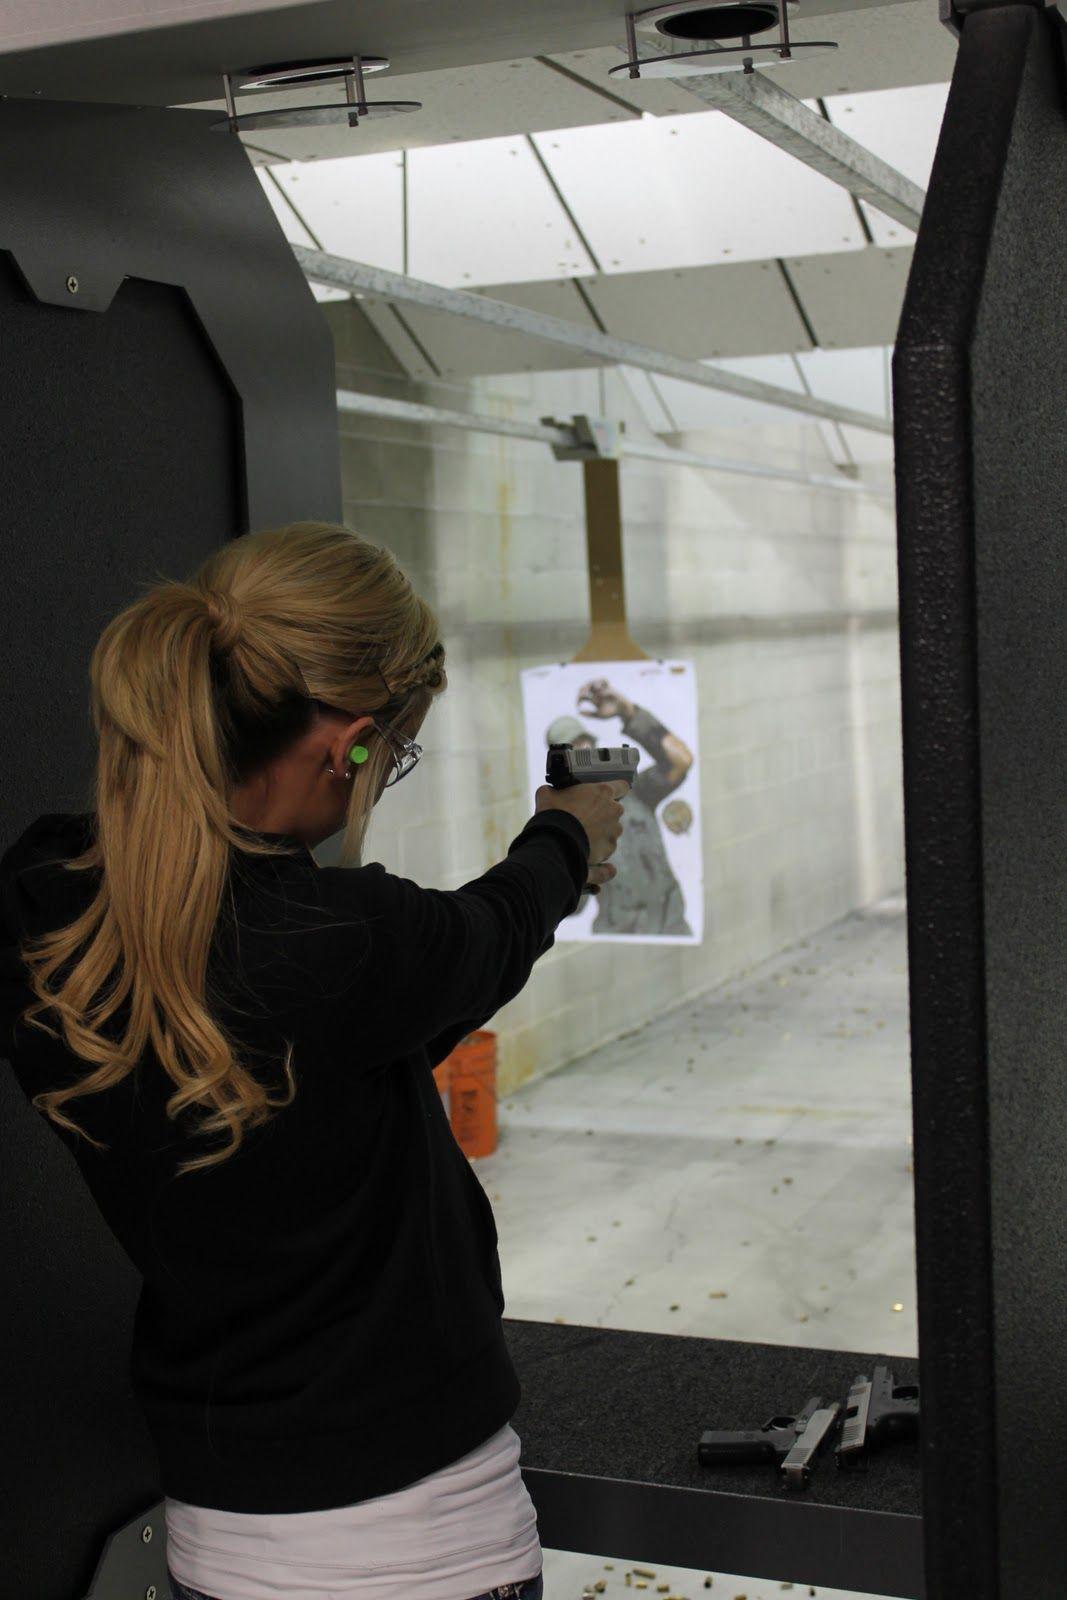 Shooting range dating